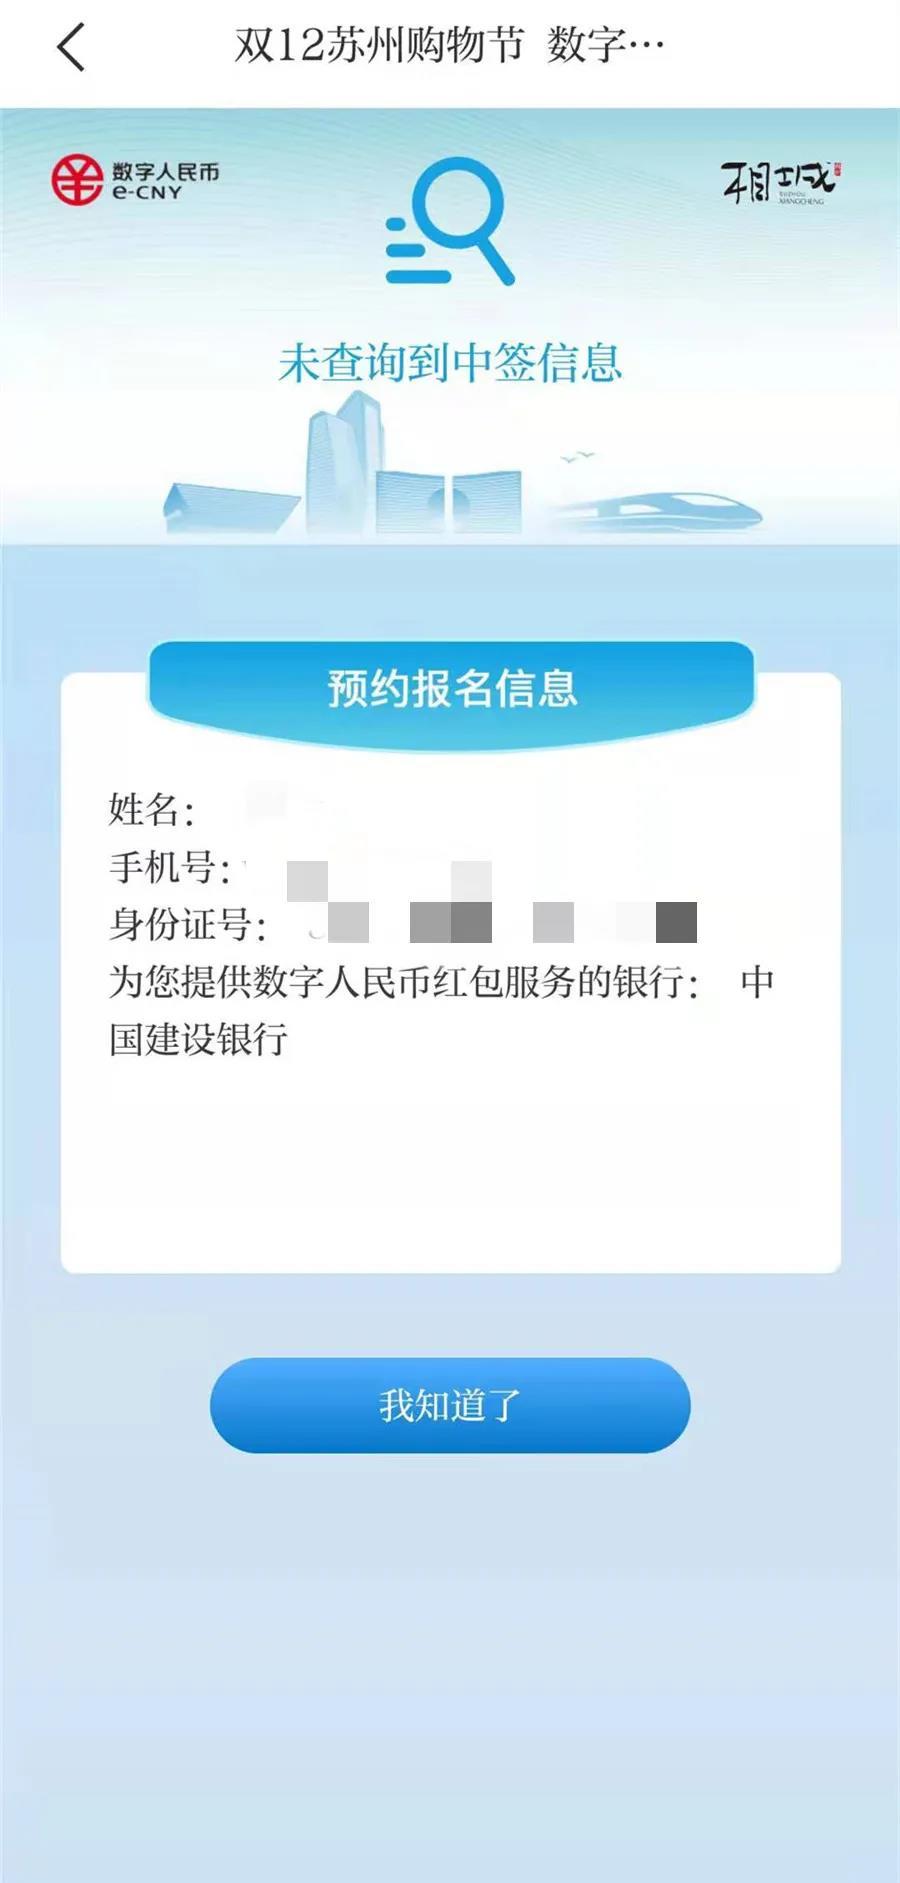 苏州10万个数字人民币红包已到账 将于今晚20时生效